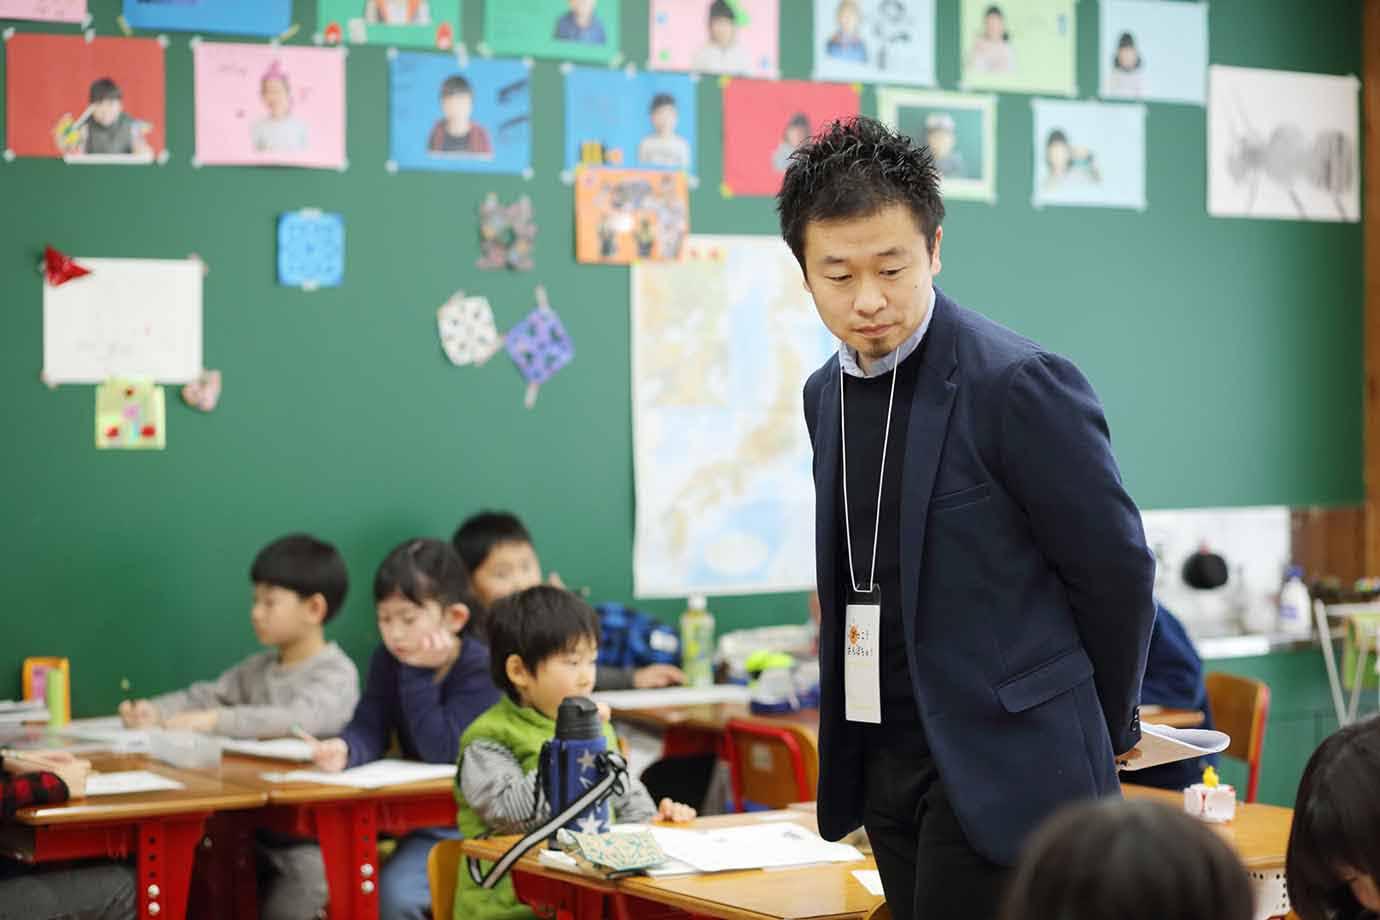 「きっちりとしたルールがない中でも、時々に合わせて考えながら行動する子どもたちに感心しました」と久保さん